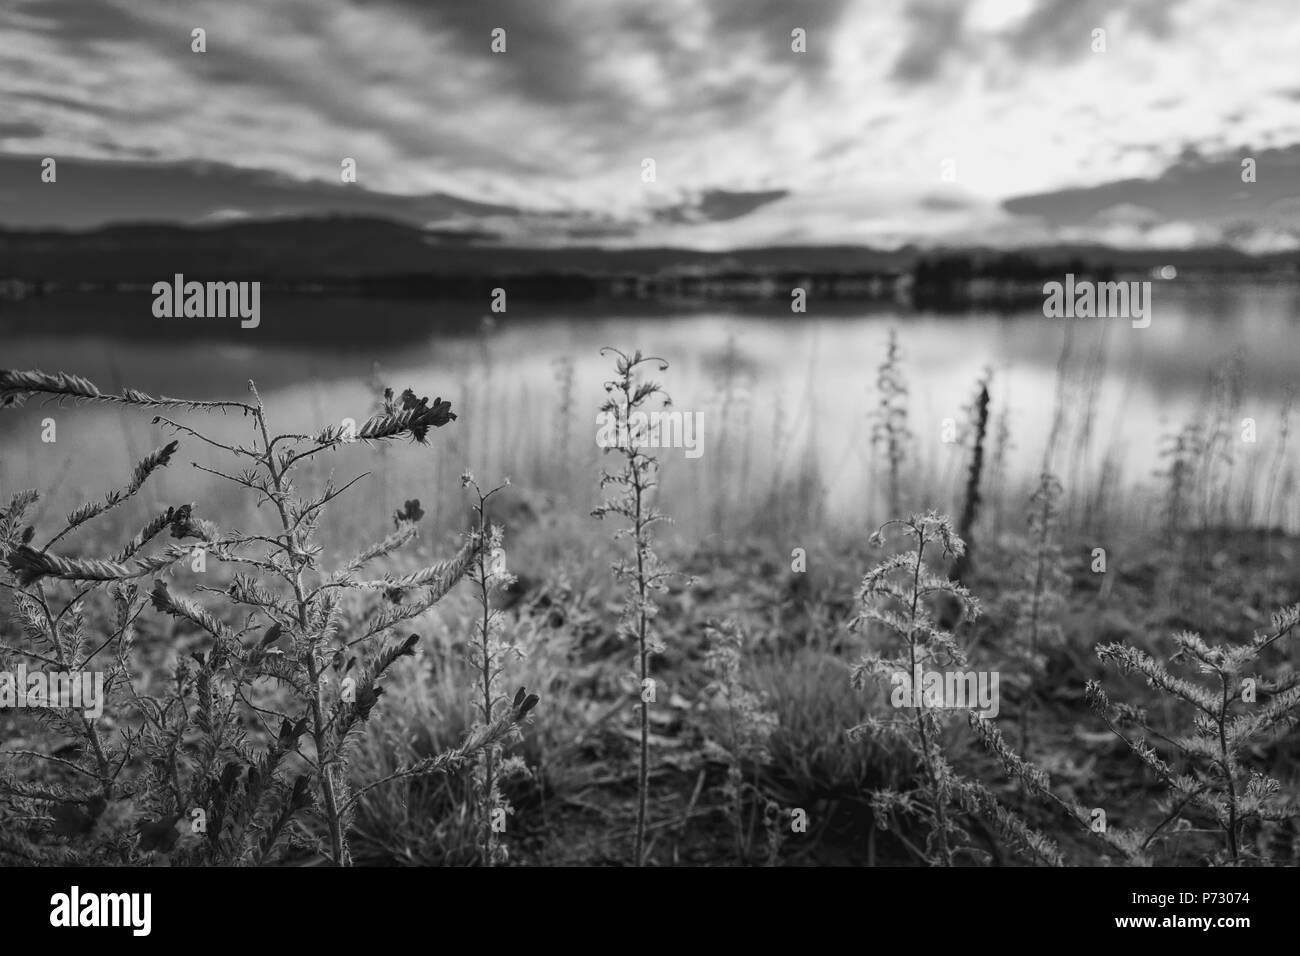 Autumn in lake pukaki south island new zealand landscape stock image